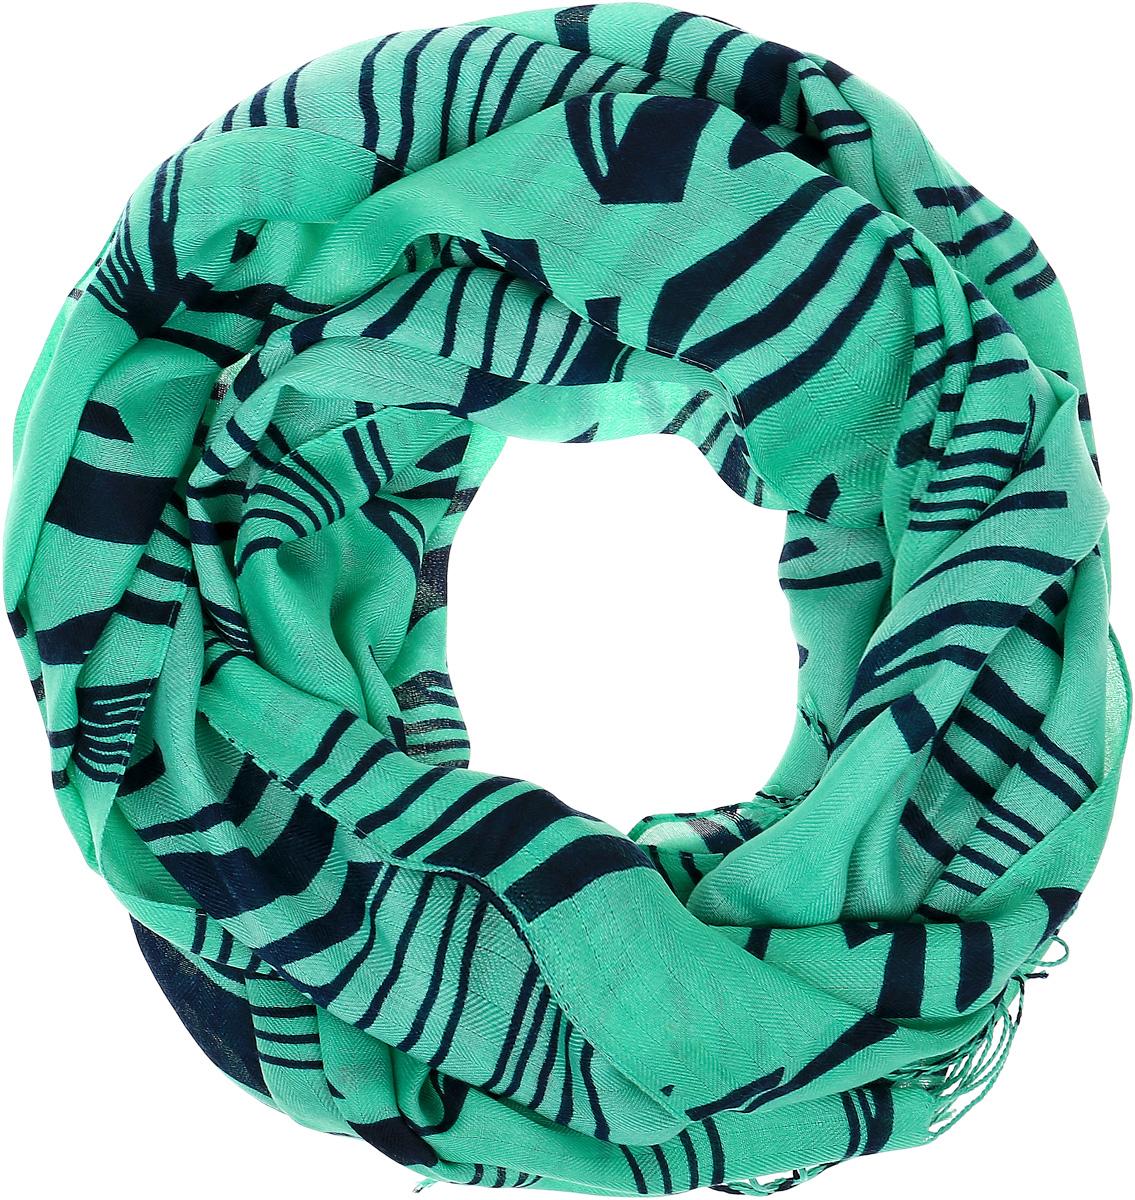 ШарфYY-21665-31Модный женский шарф подарит вам уют и станет стильным аксессуаром, который призван подчеркнуть вашу индивидуальность и женственность. Шарф выполнен из высококачественного модала с добавлением шерсти, он невероятно мягкий и приятный на ощупь. Изделие оформлено ярким принтом. Этот модный аксессуар гармонично дополнит образ современной женщины, следящей за своим имиджем и стремящейся всегда оставаться стильной и элегантной. Такой шарф украсит любой наряд и согреет вас в непогоду, с ним вы всегда будете выглядеть изысканно и оригинально.